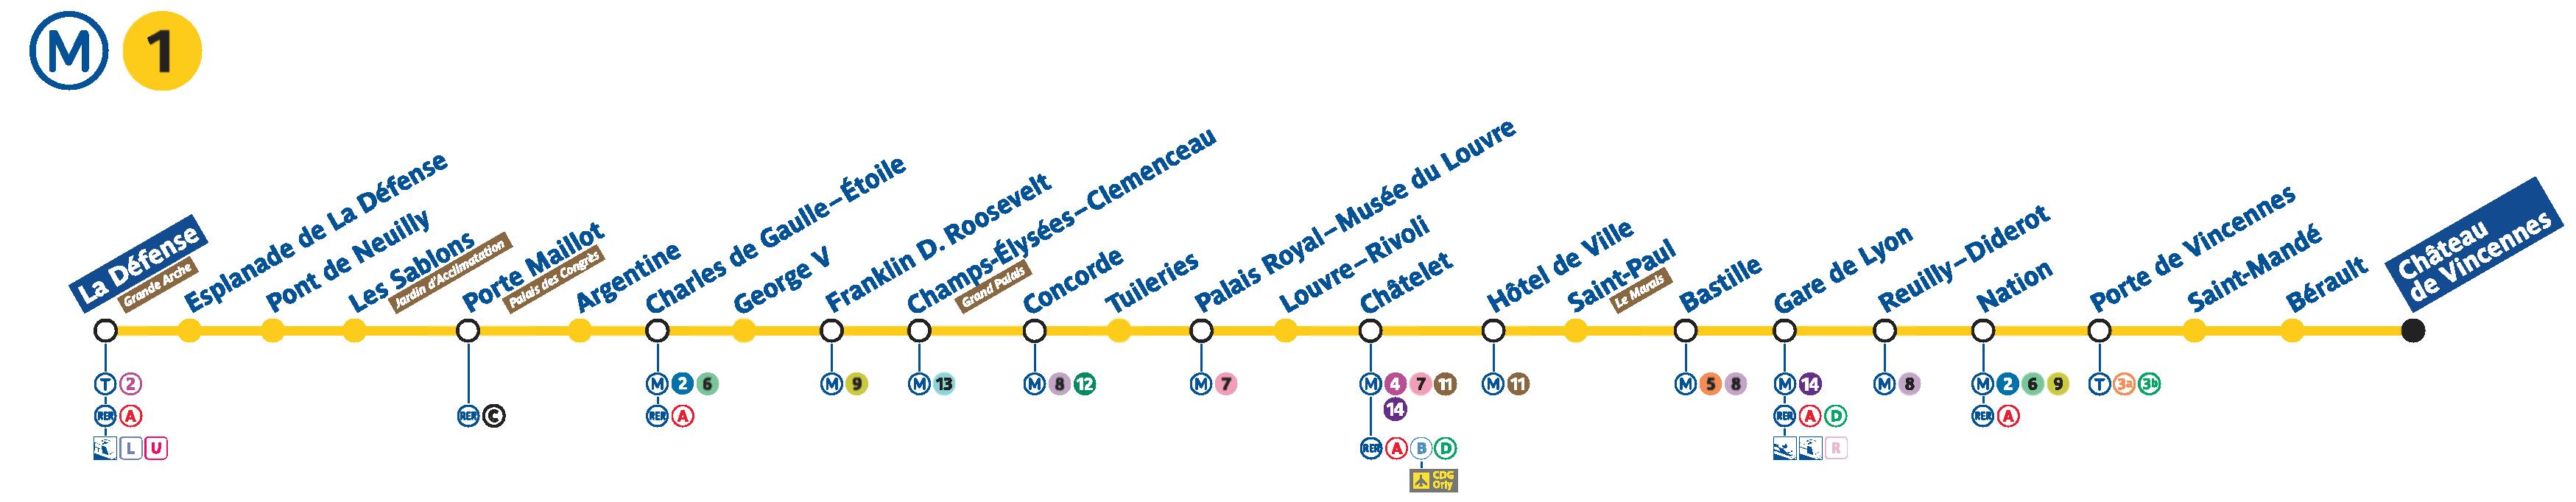 Metro Paris Paris Metro Ligne 1 Map And Stations